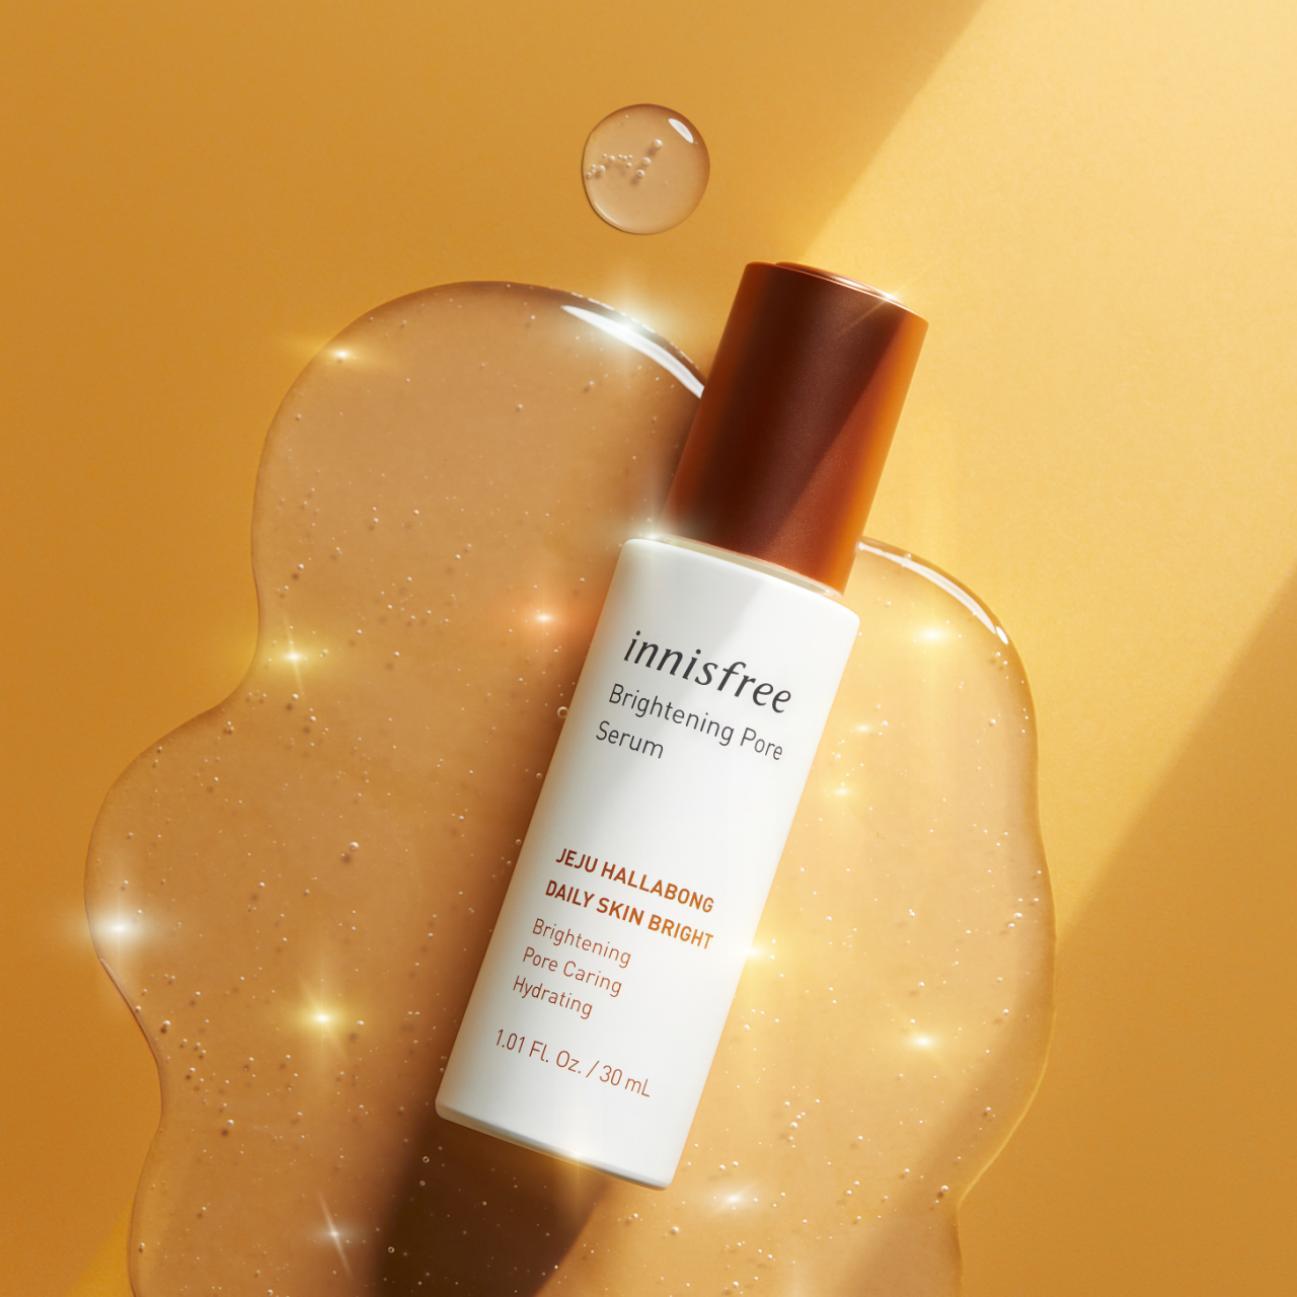 Thu gọn quy trình dưỡng da với innisfree Brightening Pore Serum